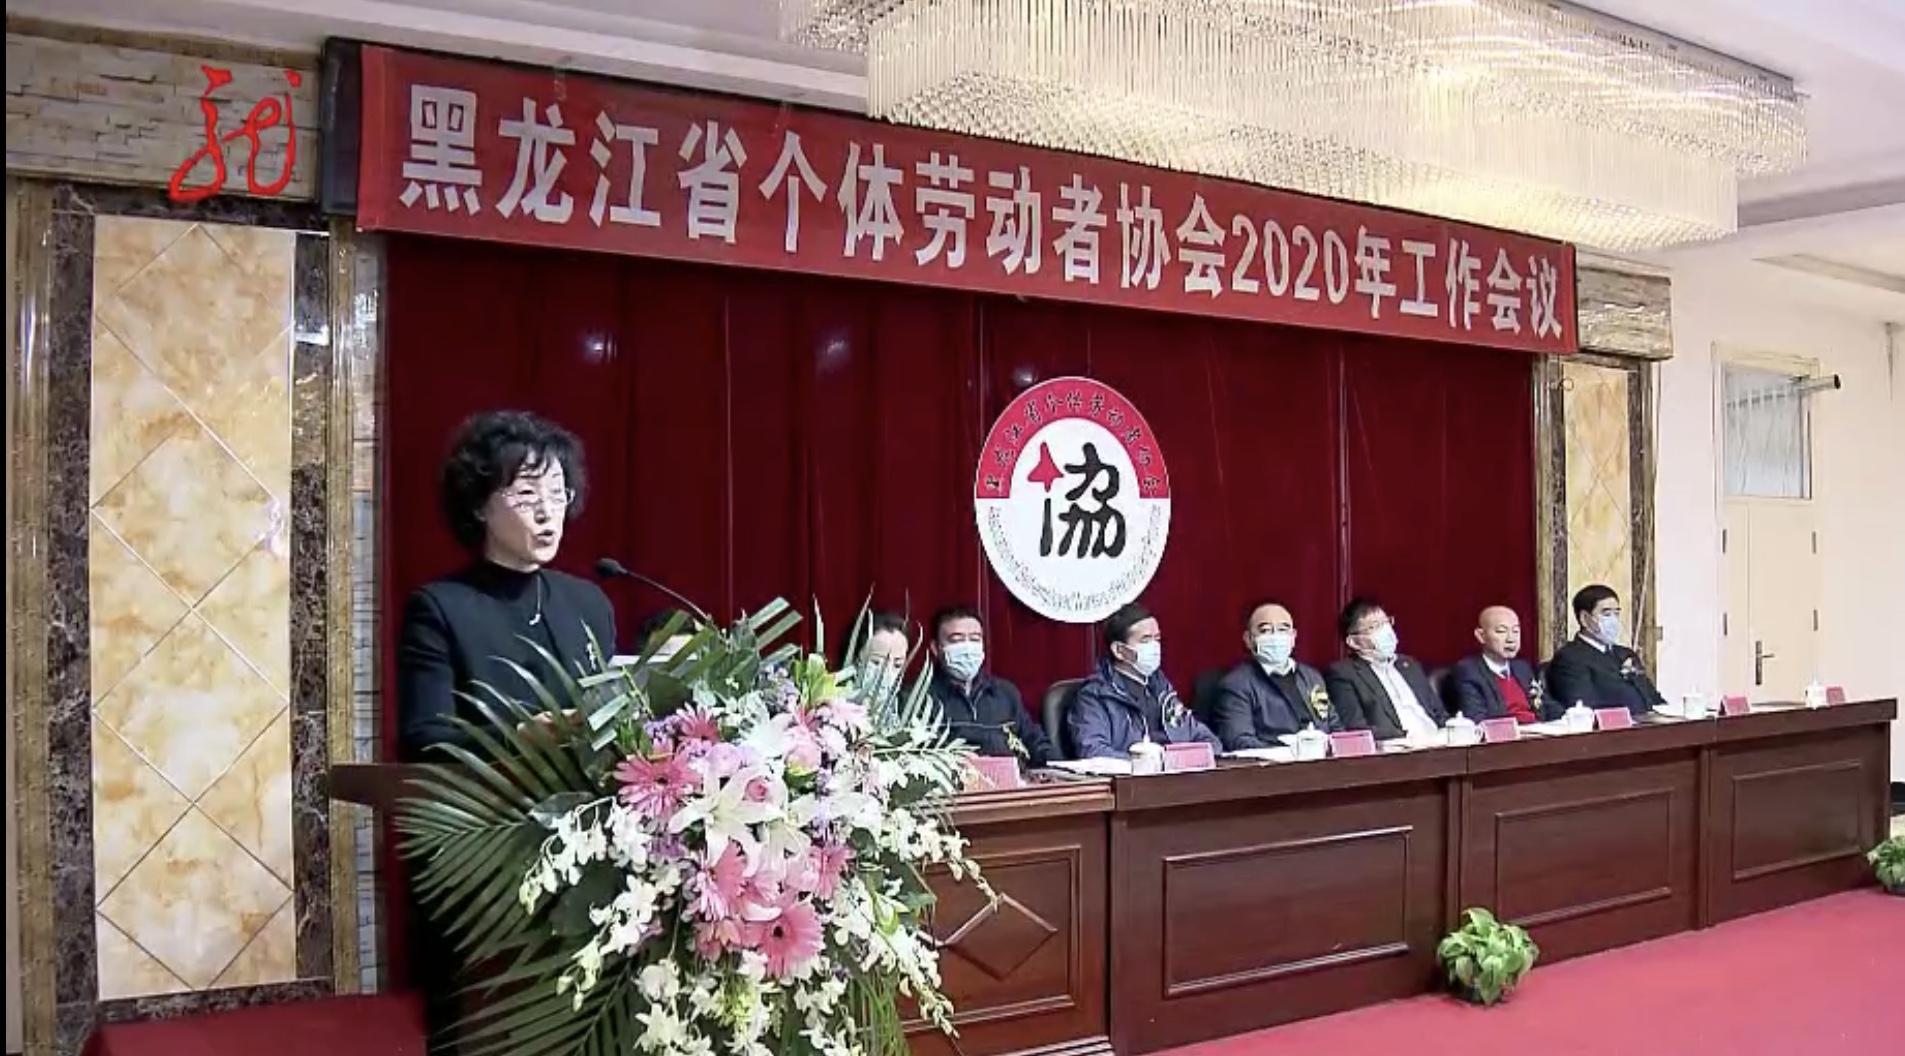 黑龙江省个体协会2020年工作会议